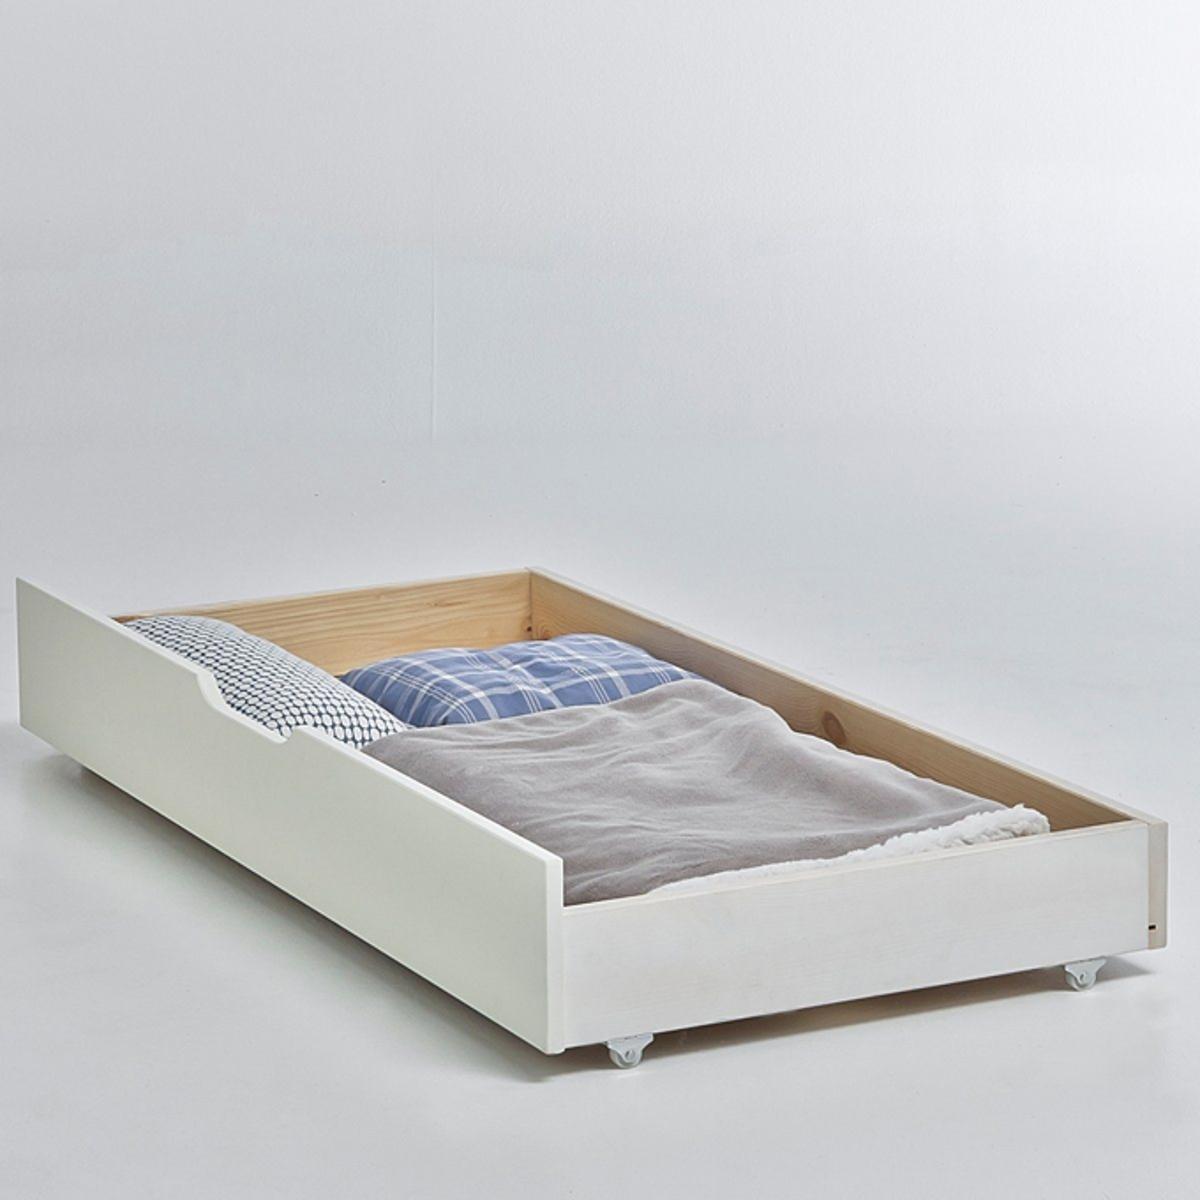 Ящик для хранения под кроватью, ToudouЯщик для хранения под раздвижной кроватью, Toudou. Очень практичный ящик, который можно разместить под кроватью, сэкономив свободное пространство комнатыХарактеристики выдвижного ящика Toudou :Сосна, покрытие акриловой краской.Дно ящика из фибролитовой плитыРаздвижную кровать Toudou вы можете найти на сайте laredoute.ruКачество :Вся наша продукция отвечает действующим стандартам безопасности.Размеры выдвижного ящика Toudou :Общие размеры:Длина : 130 смВысота : 18 смГлубина : 62 смРазмер и вес с упаковкой :1 упаковкаШ.146 x В.6 x Г.32 см9 кгДоставка:Товар продается в разобранном виде.Возможна доставка до двери по предварительной договоренности.Внимание! Убедитесь, что возможно осуществить доставку товара, учитывая его габариты (проходит в дверные проемы, лестничные проходы, лифты).Сервис LaRedoute:Возврат и обмен возможны в течение 2х недель с момента доставки.C 1 мая 2013 года мы являемся участниками экологических мероприятий по утилизации использованной мебели. Сумма с продажи будет полностью пожертвована Эко-Мебель, утвержденному органу, посвященному разработке решений по переработке и восстановлению используемой мебели.<br><br>Цвет: белый,светлое дерево